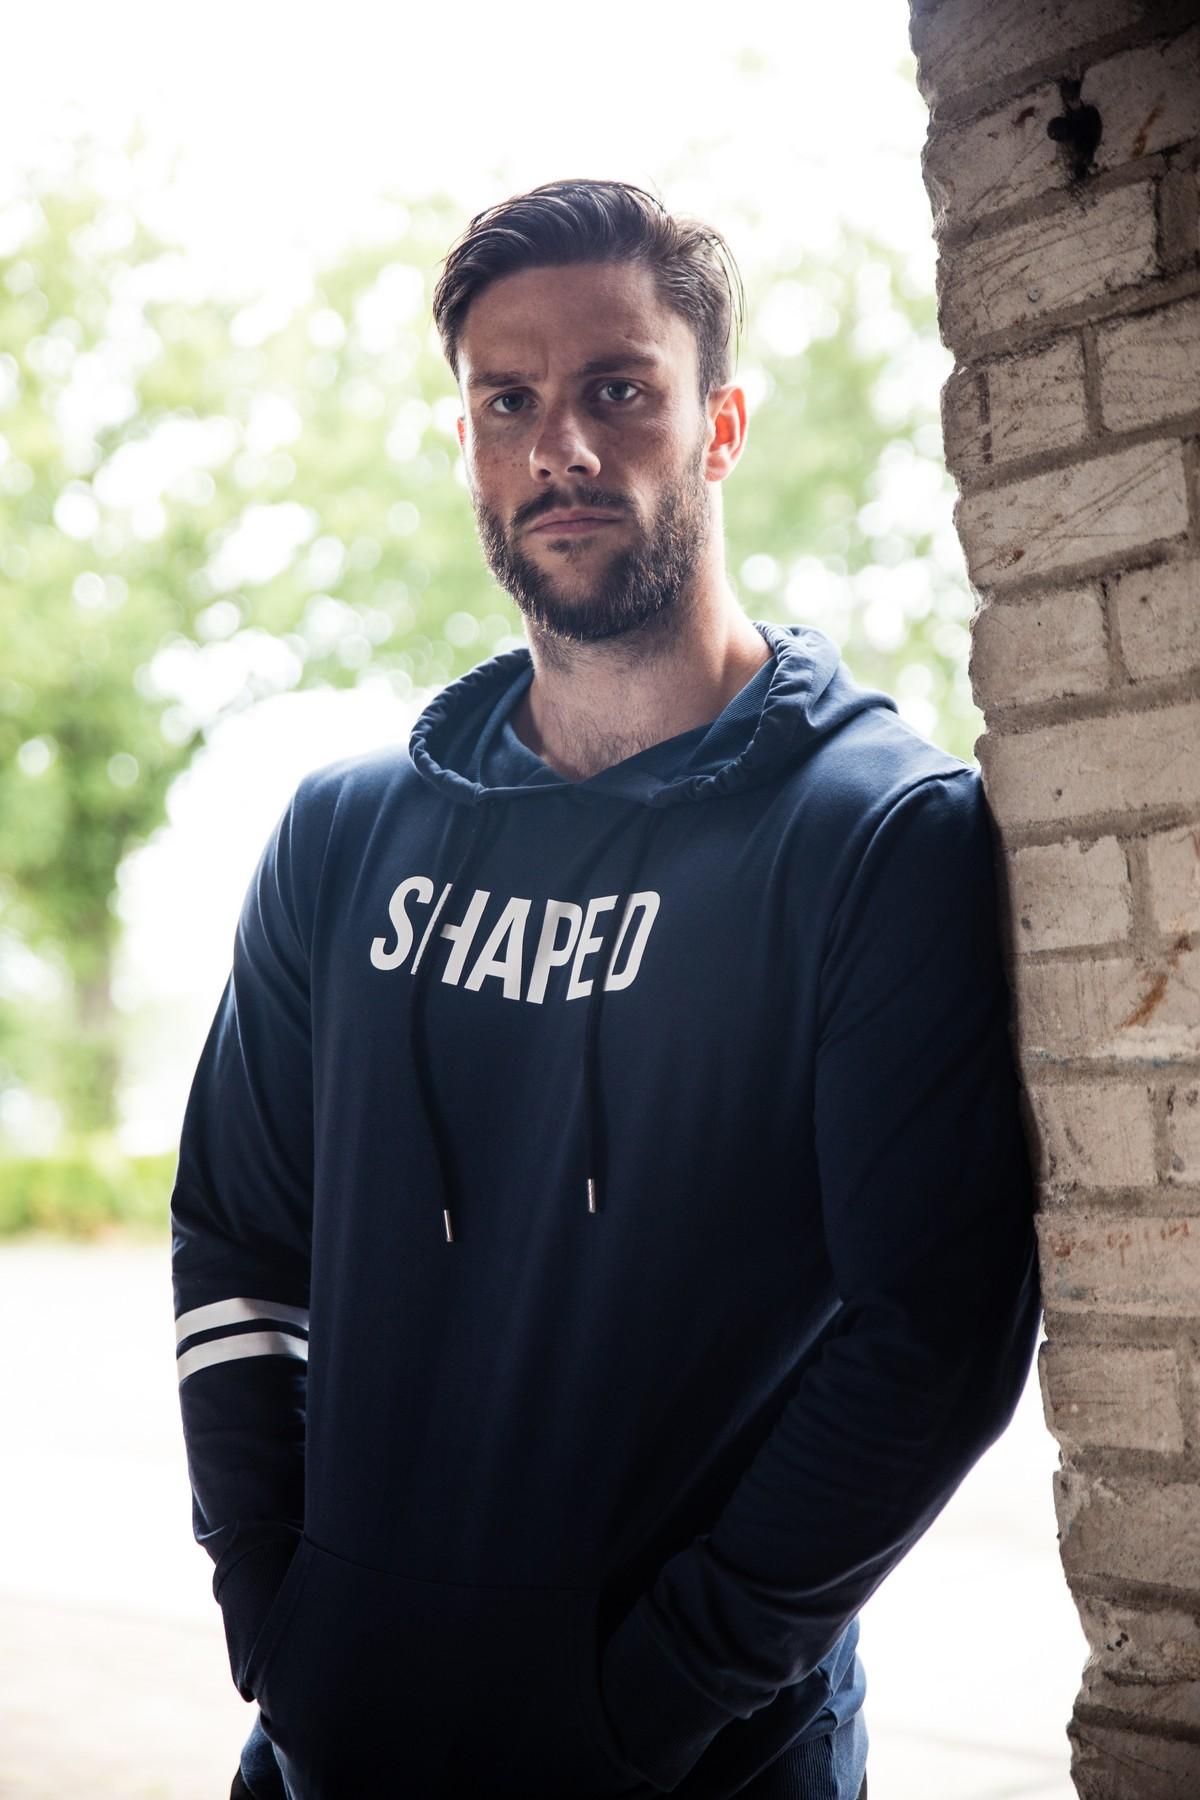 Shaped hoodie